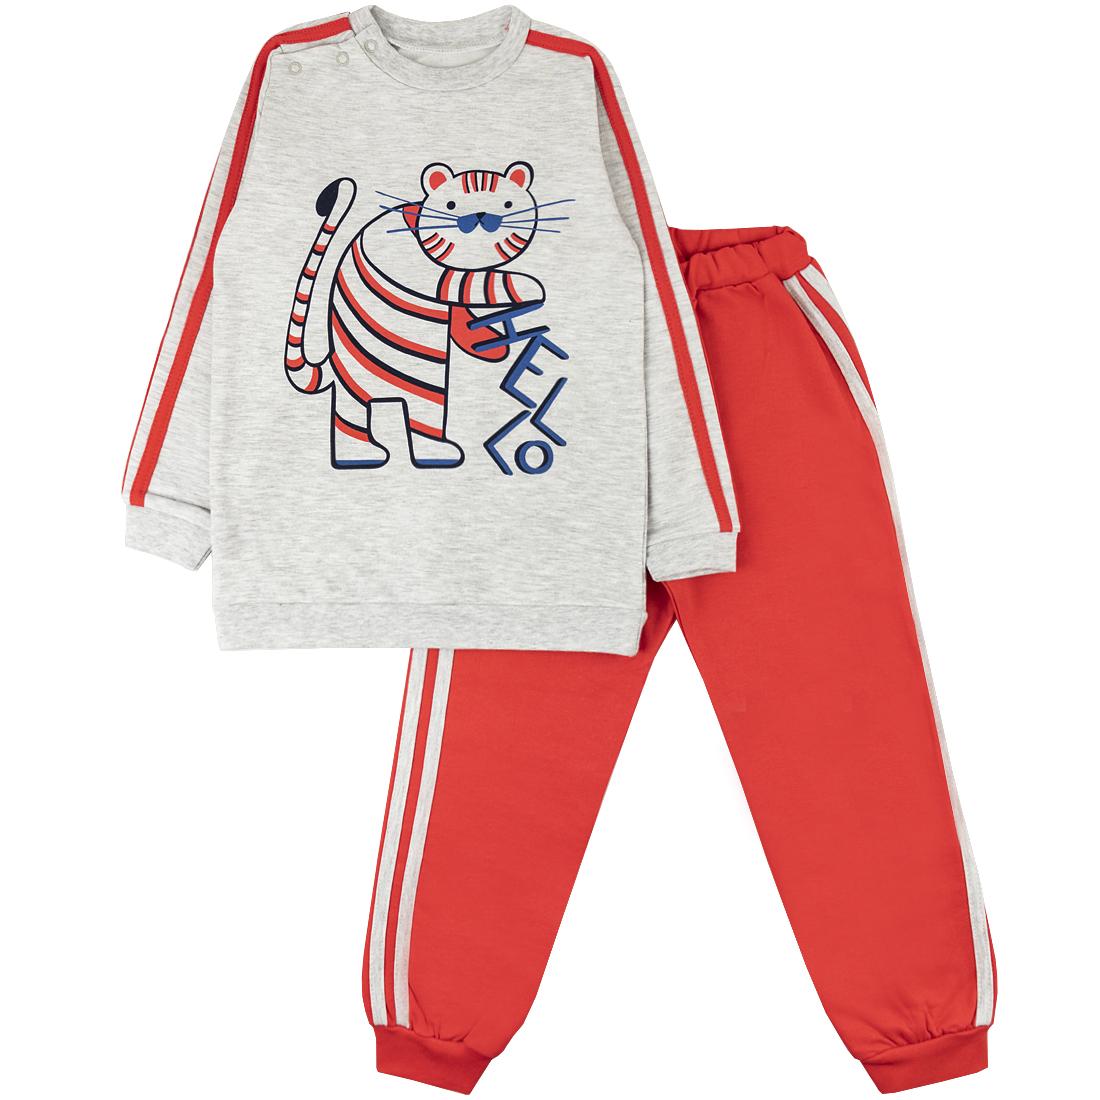 Спортивный костюм для девочек Юлла 274/2ф ап цв. красный р.104